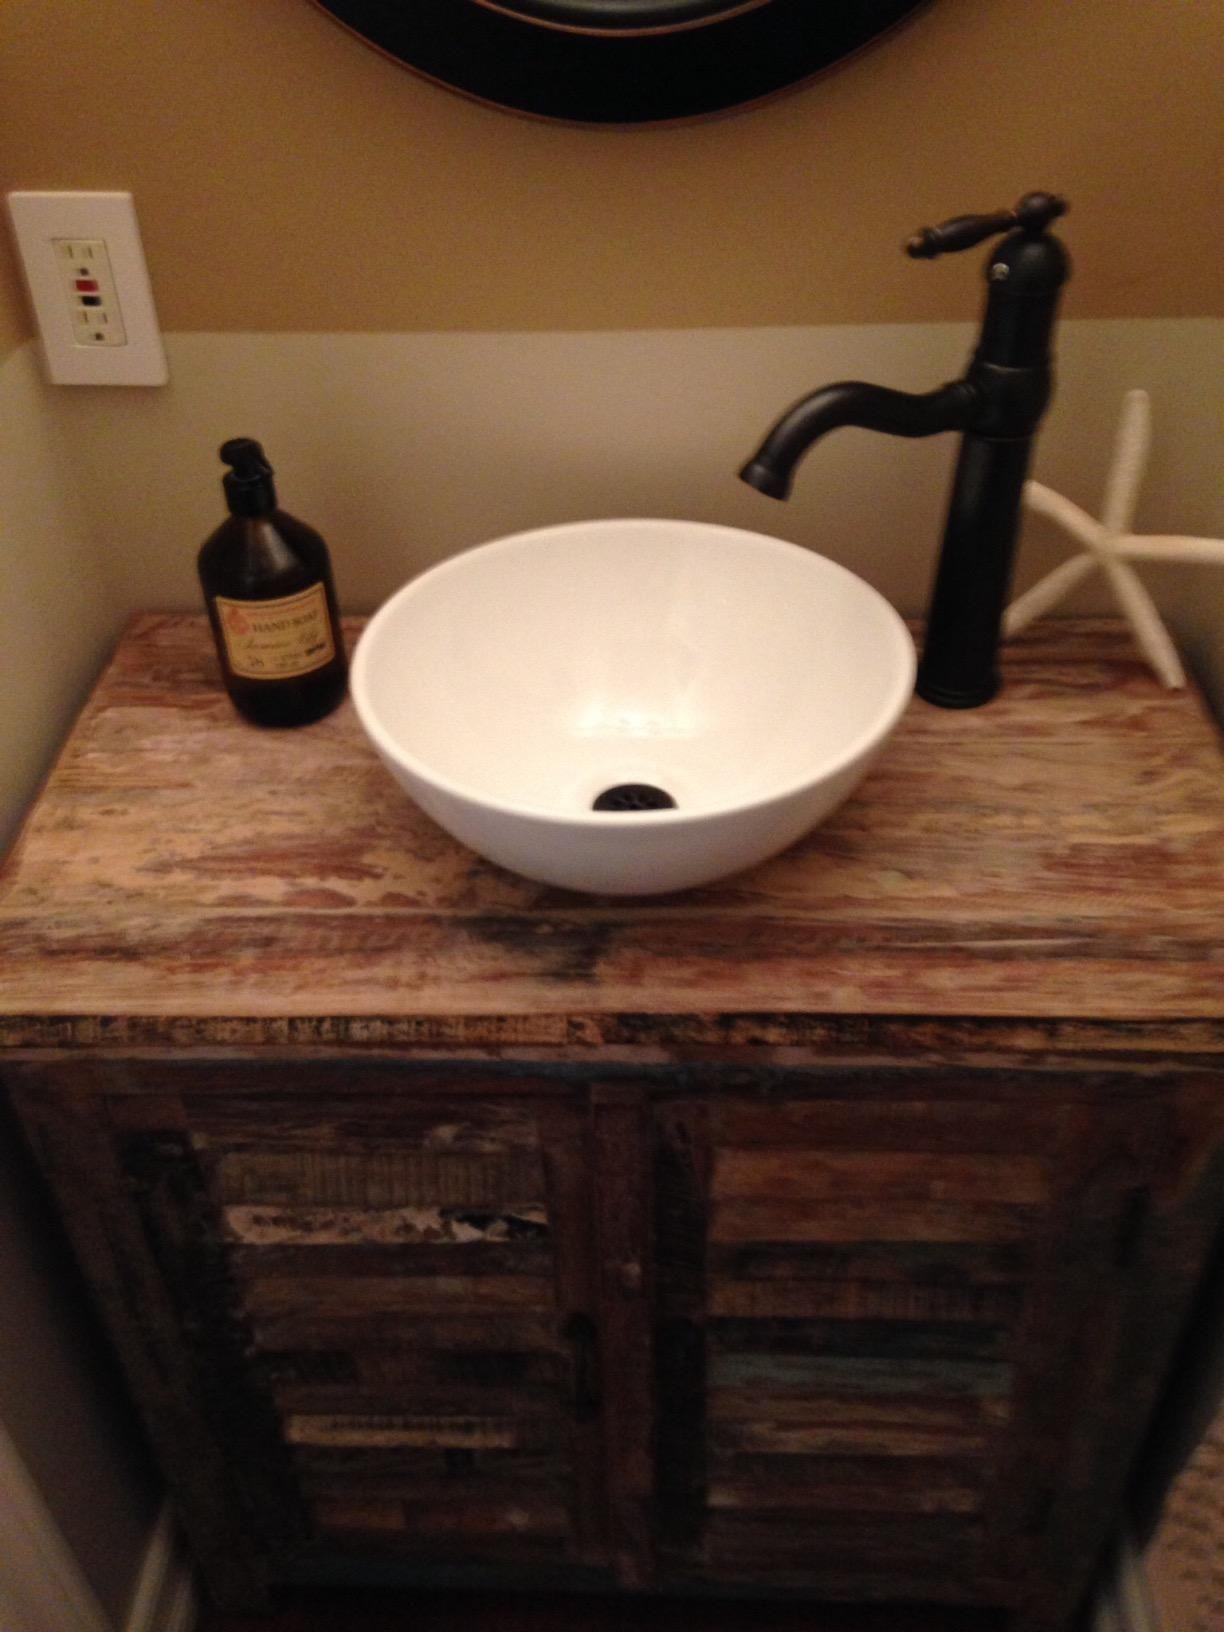 13x13 Quot Round Bowl Porcelain Ceramic Bathroom Vessel Vanity Sink Art Basin Faucet Amazon Com Vanity Vanity Sink Porcelain Ceramics [ 1632 x 1224 Pixel ]